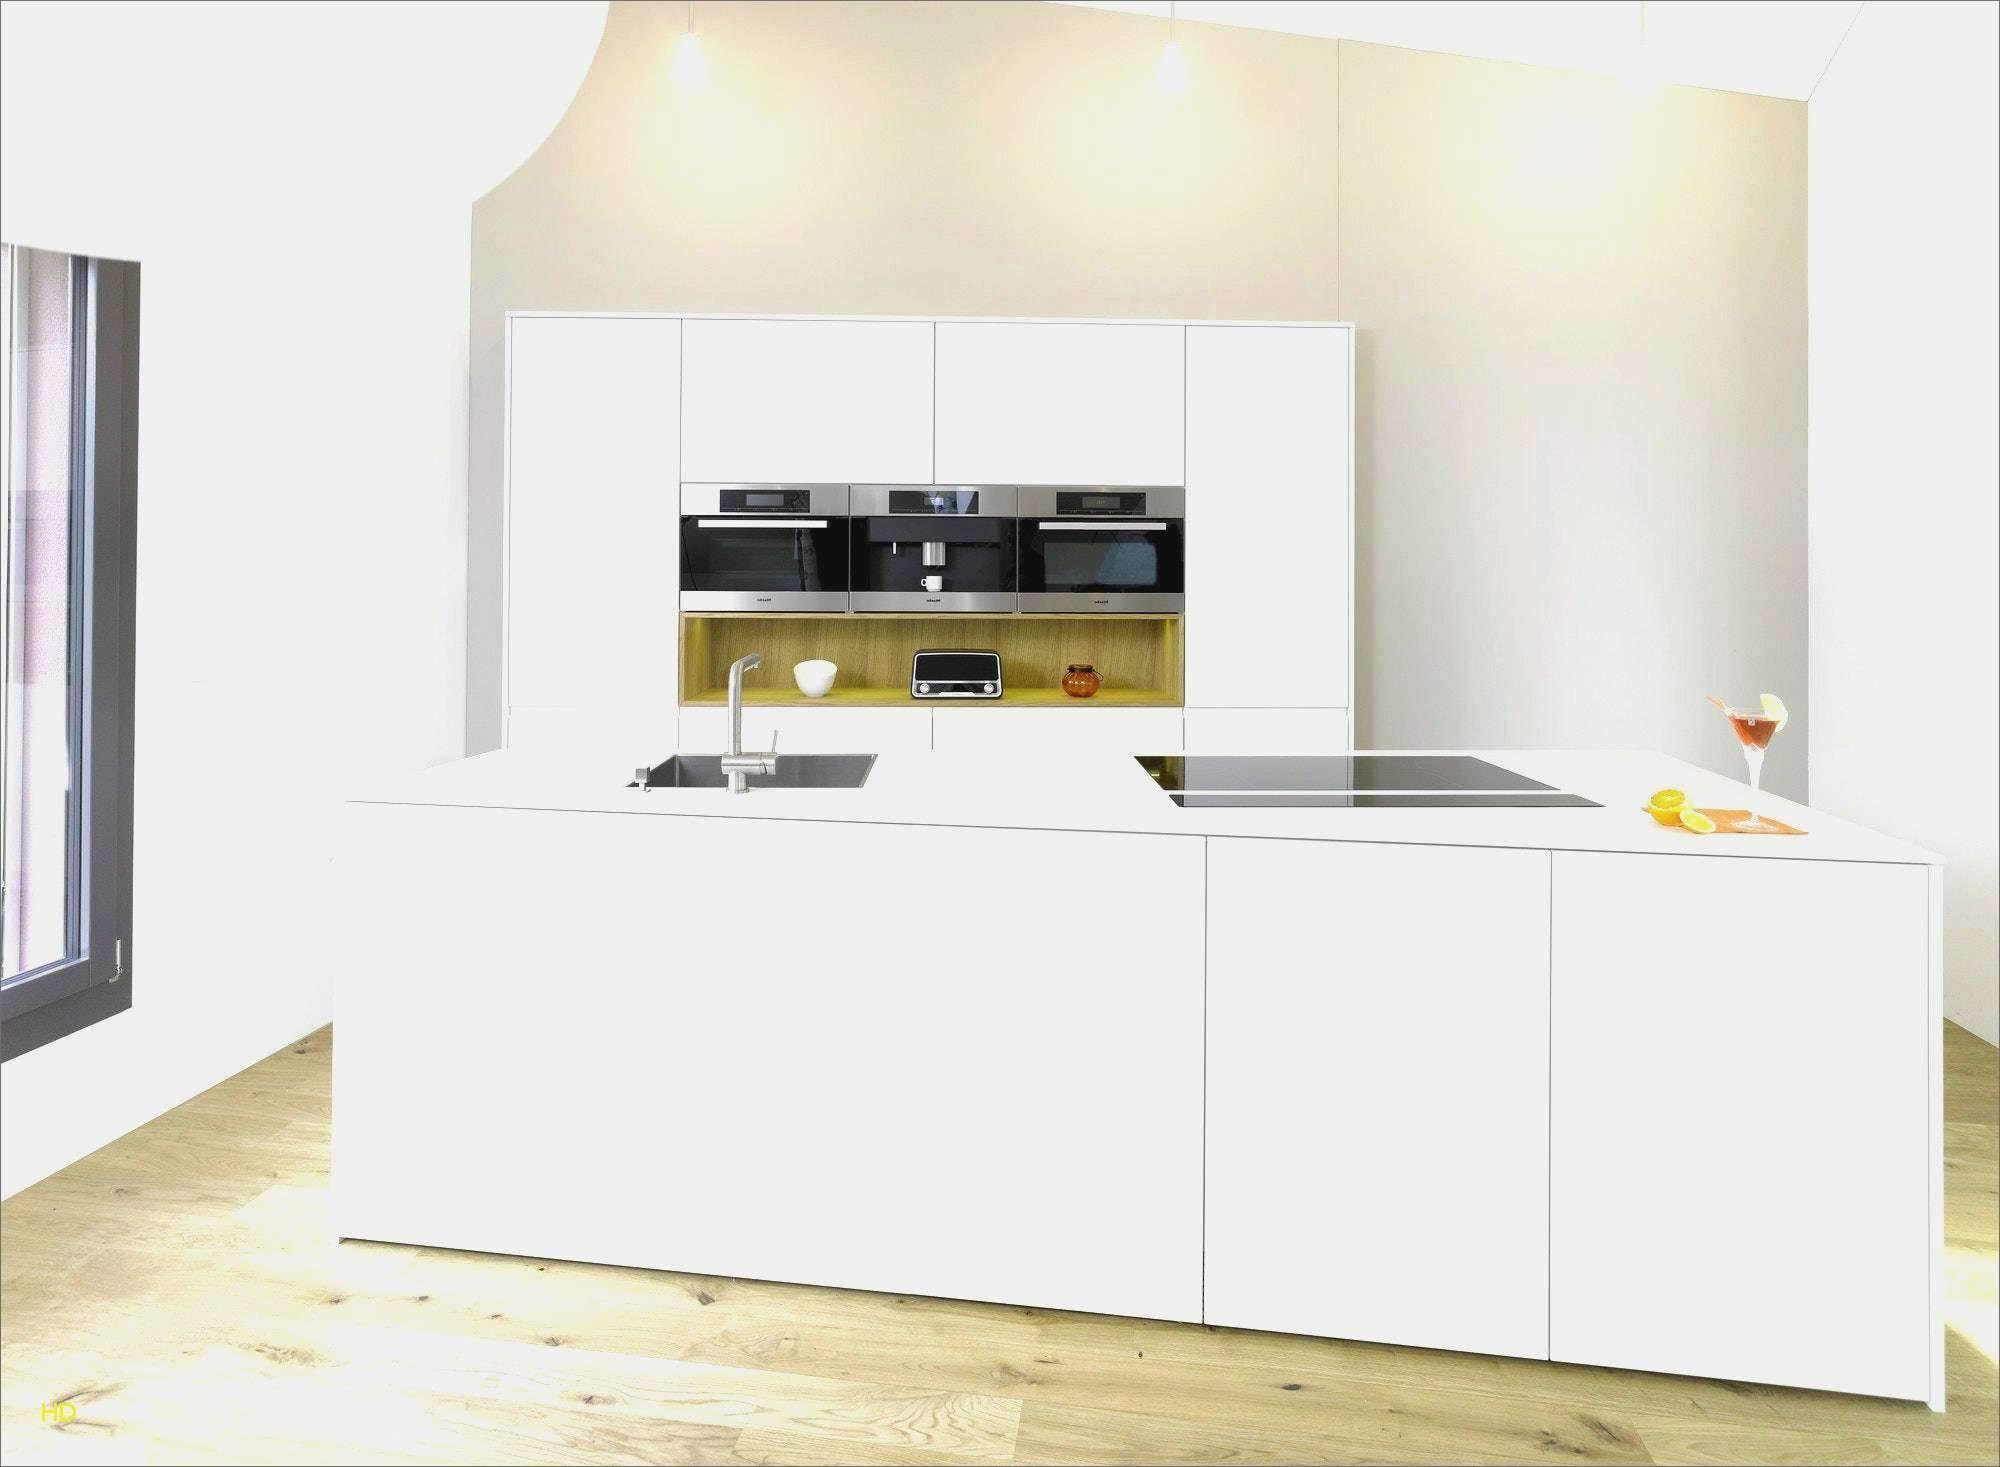 Full Size of Plastikfreie Küche Aufbewahrung Küche Aufbewahrung Ideen Küche Aufbewahrung Schrank Küche Aufbewahrung Vintage Küche Küche Aufbewahrung